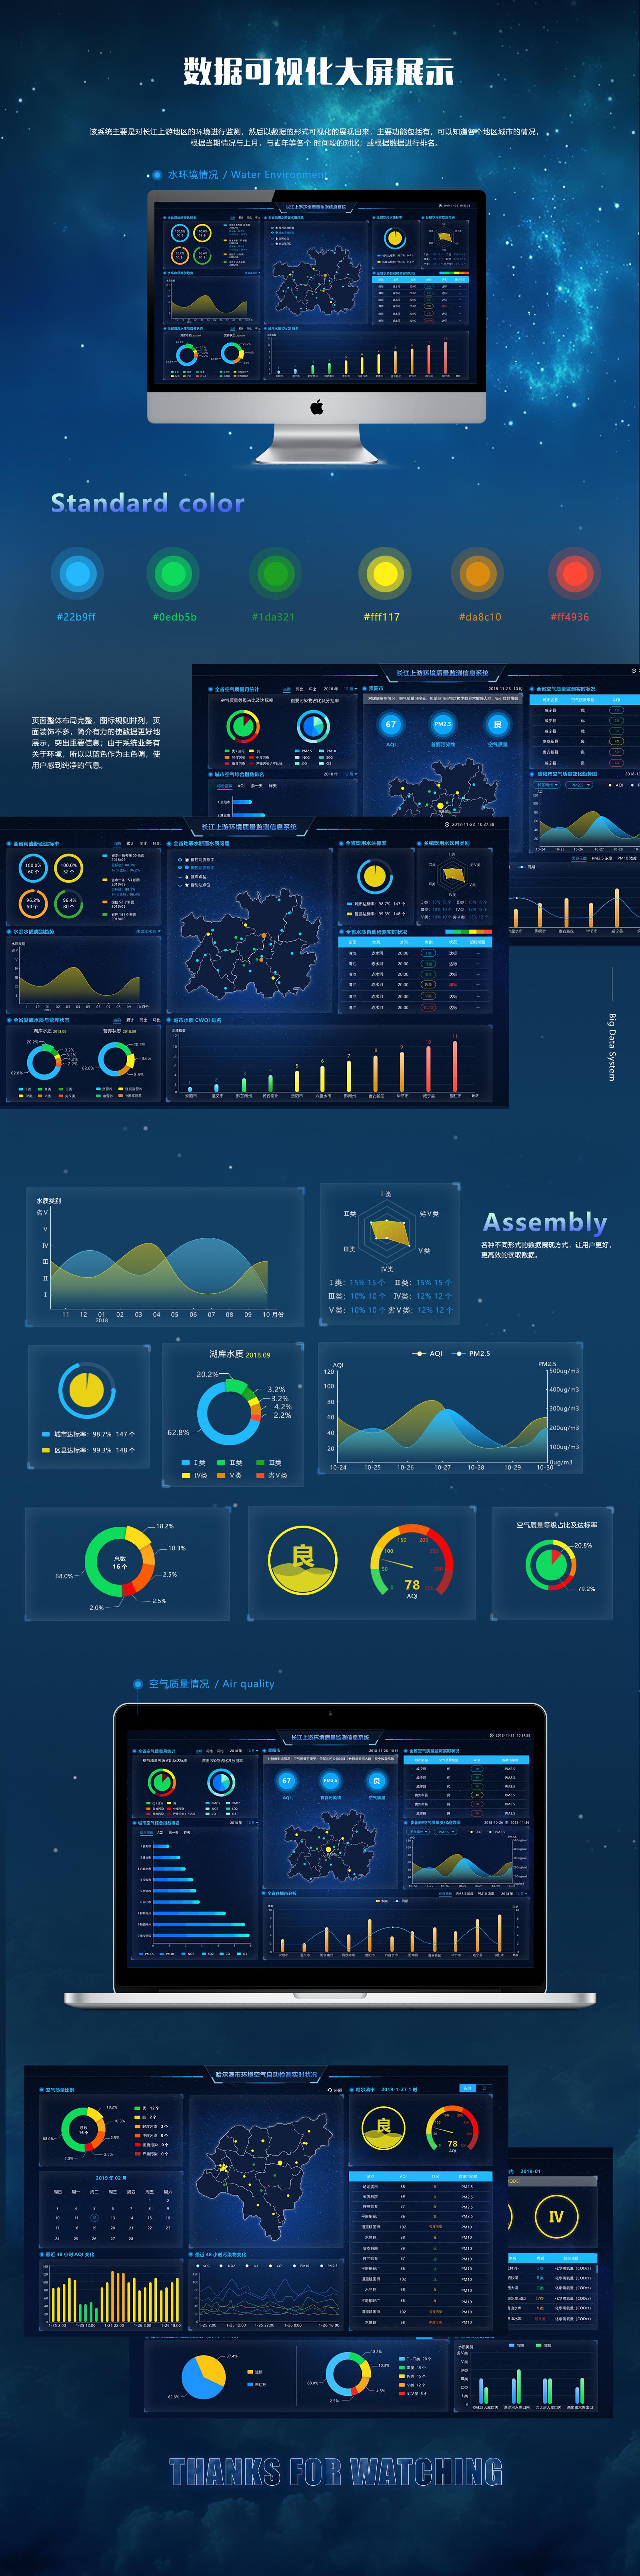 上海空气质量_数据大屏看板|UI|其他UI |chai辰 - 原创作品 - 站酷 (ZCOOL)